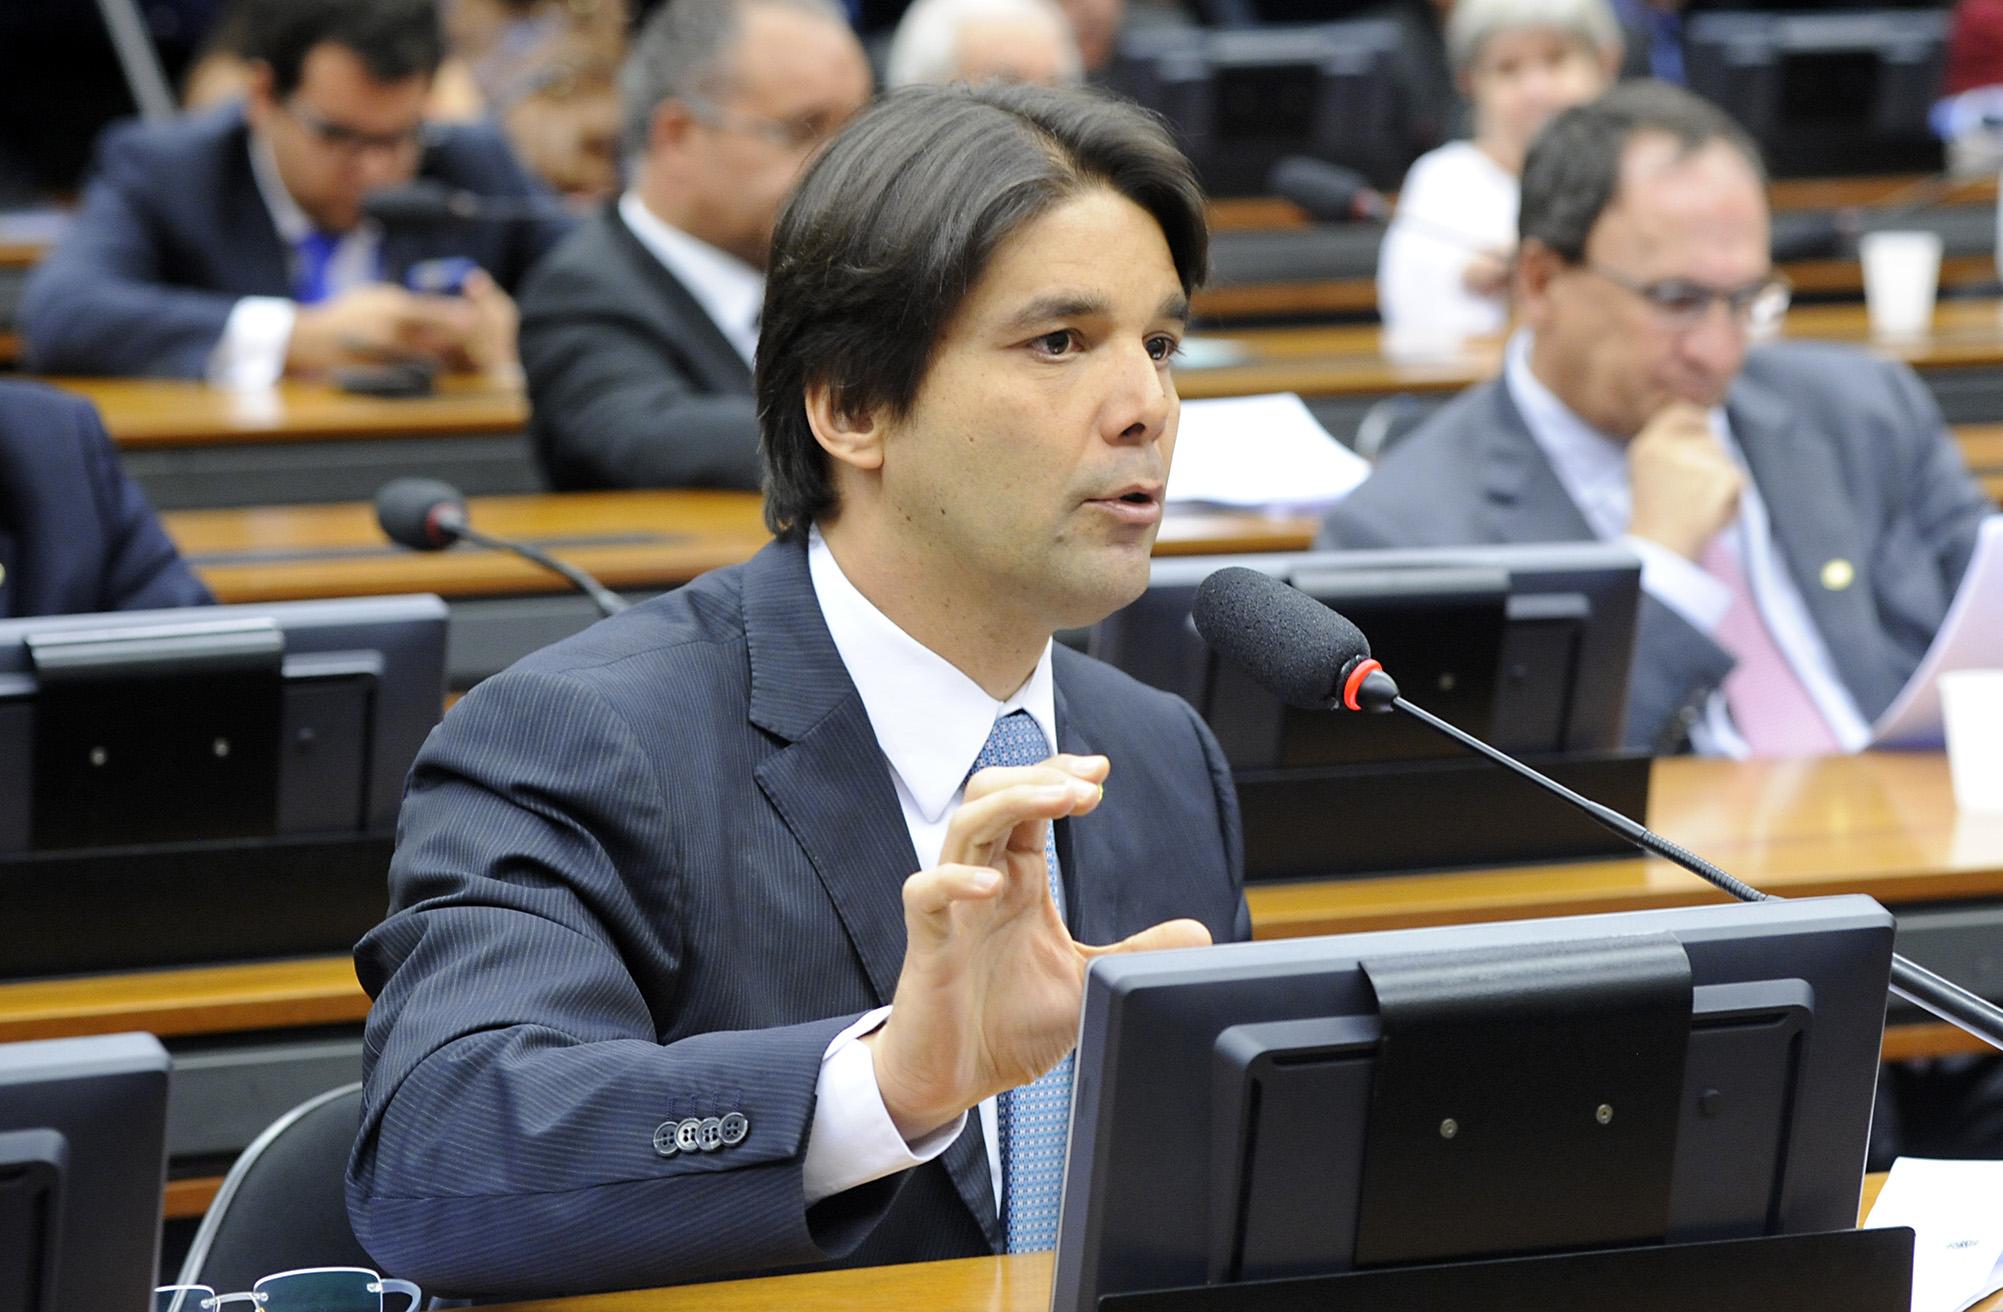 Reunião para discussão e votação do parecer. Dep. Felipe Maia (DEM-RN)